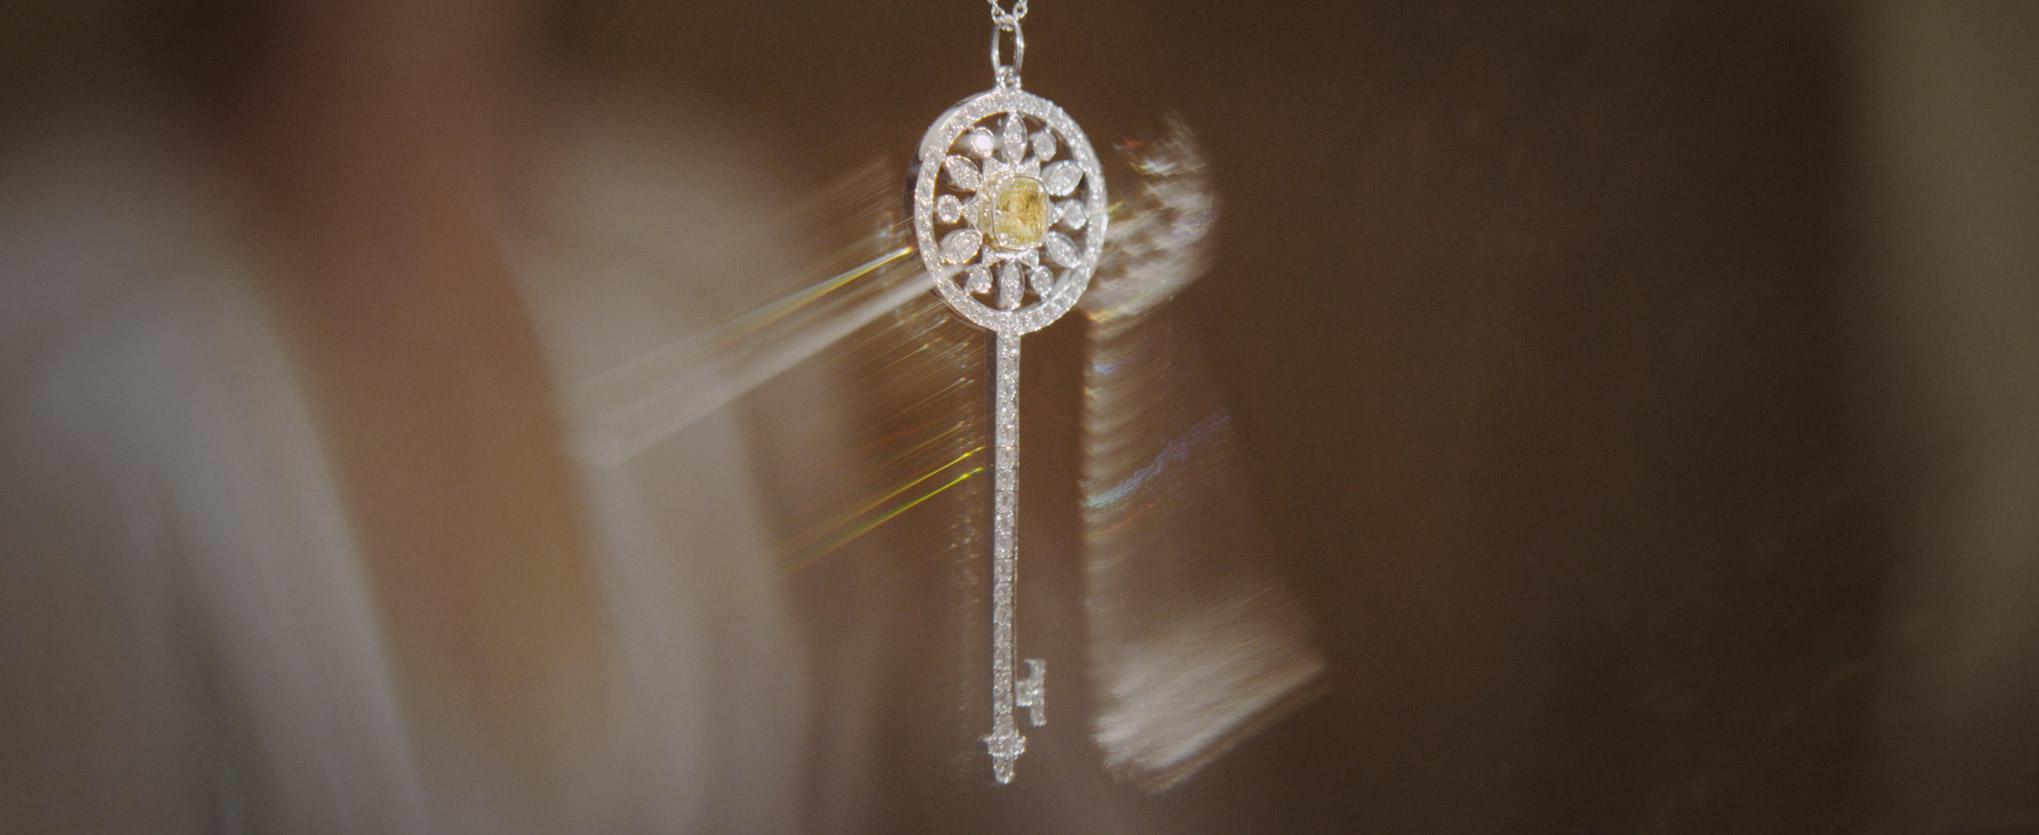 Tiffany & Co Key